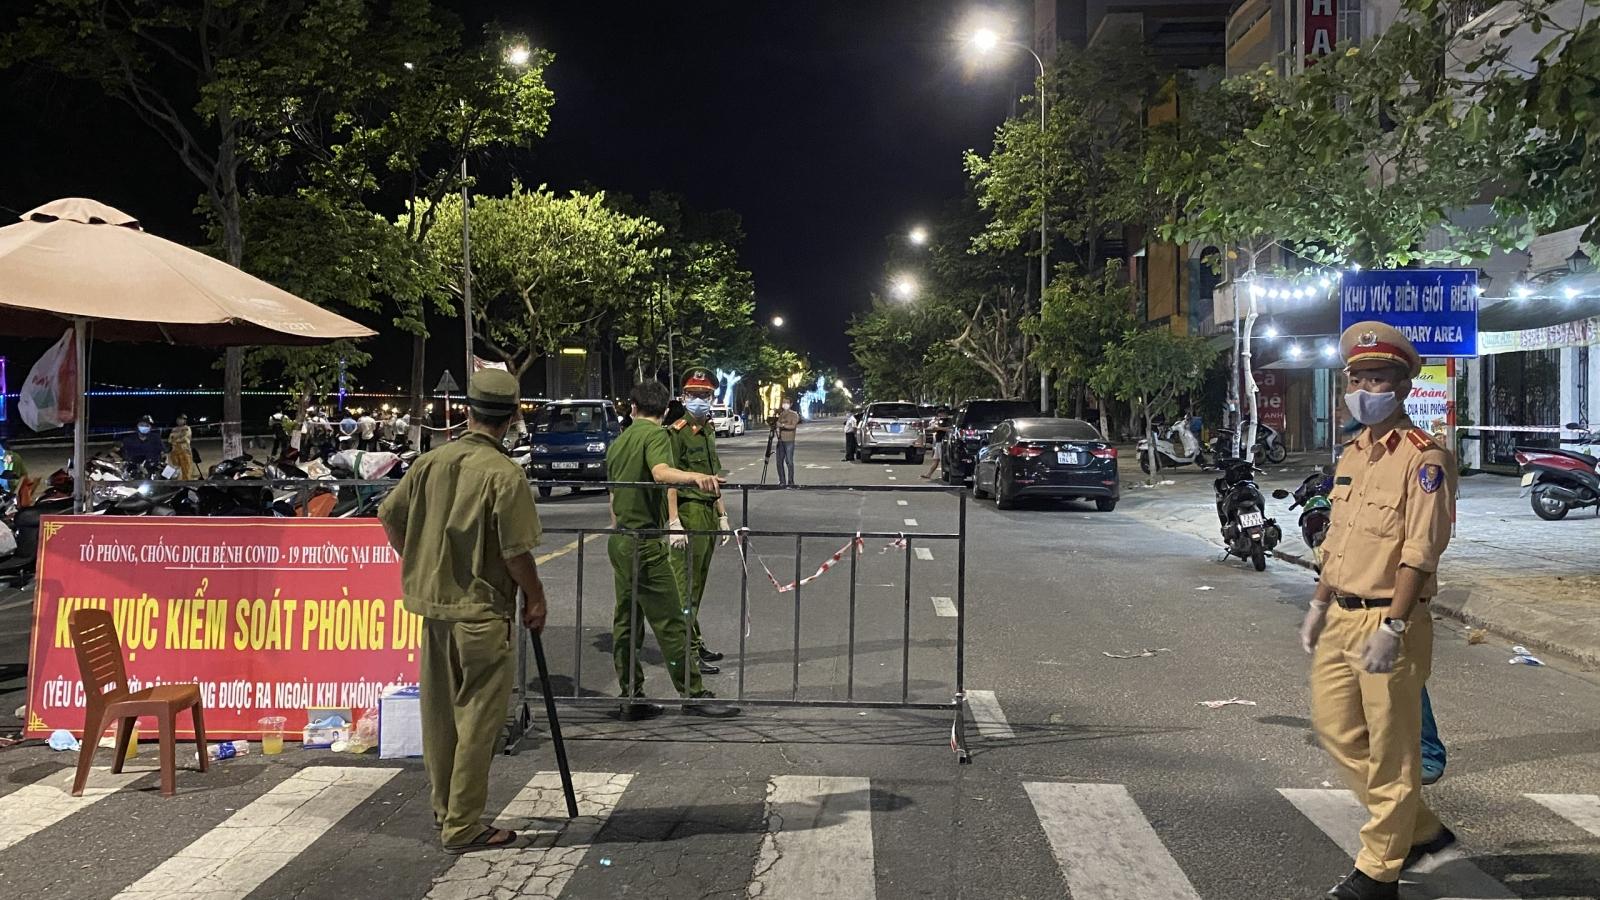 Phong tỏa 4 phường ở Đà Nẵng do xuất hiện nhiều ca mắc Covid-19